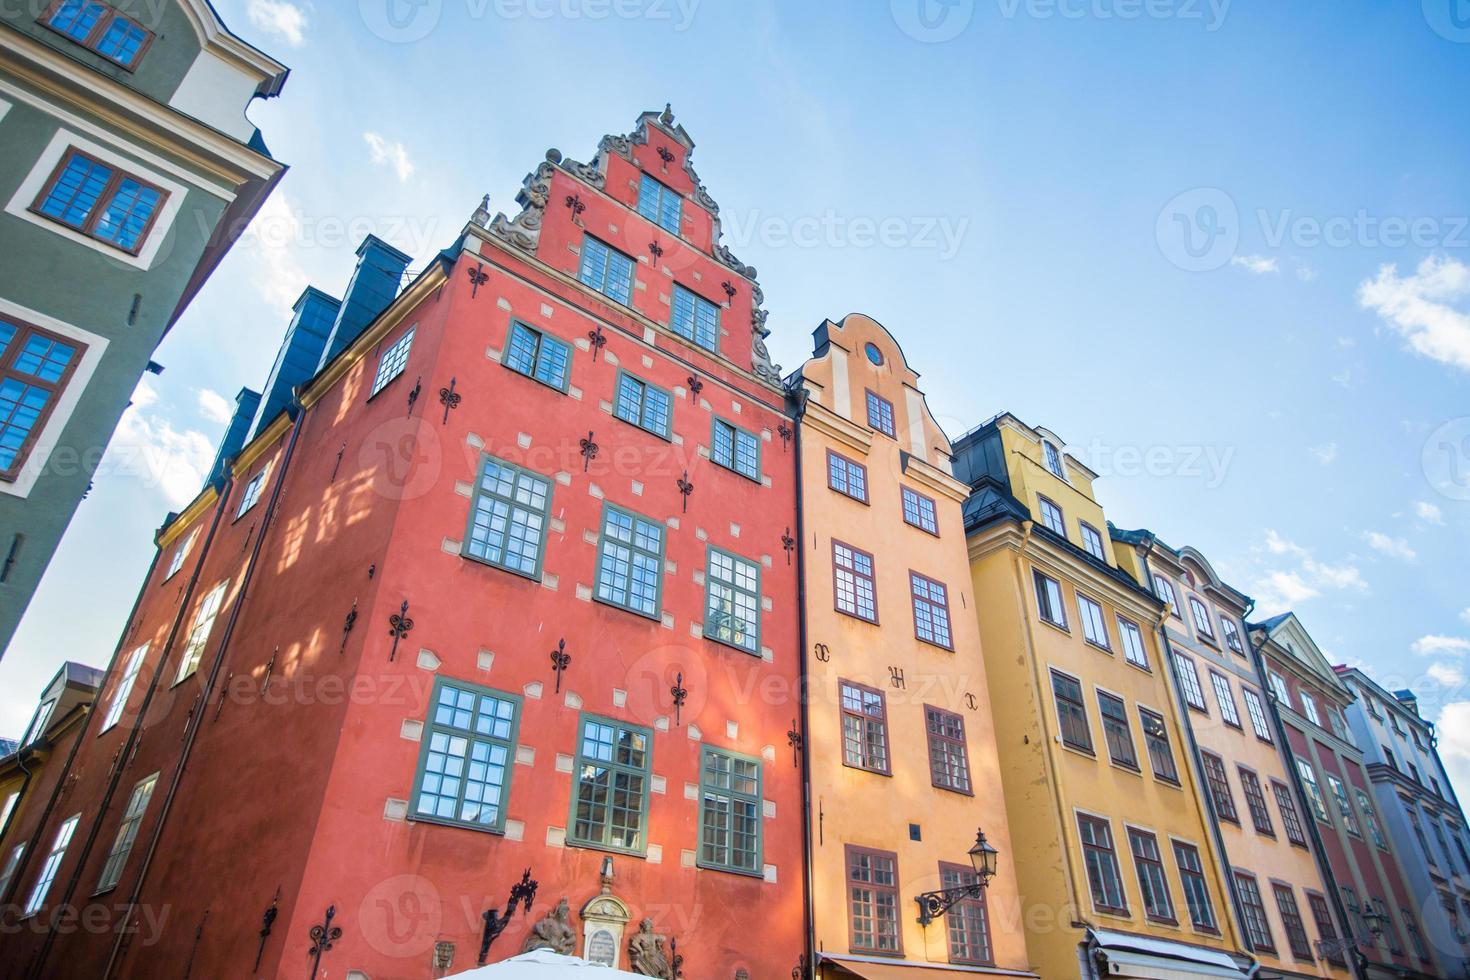 kleurrijke huizen in de oude stad van Stockholm foto